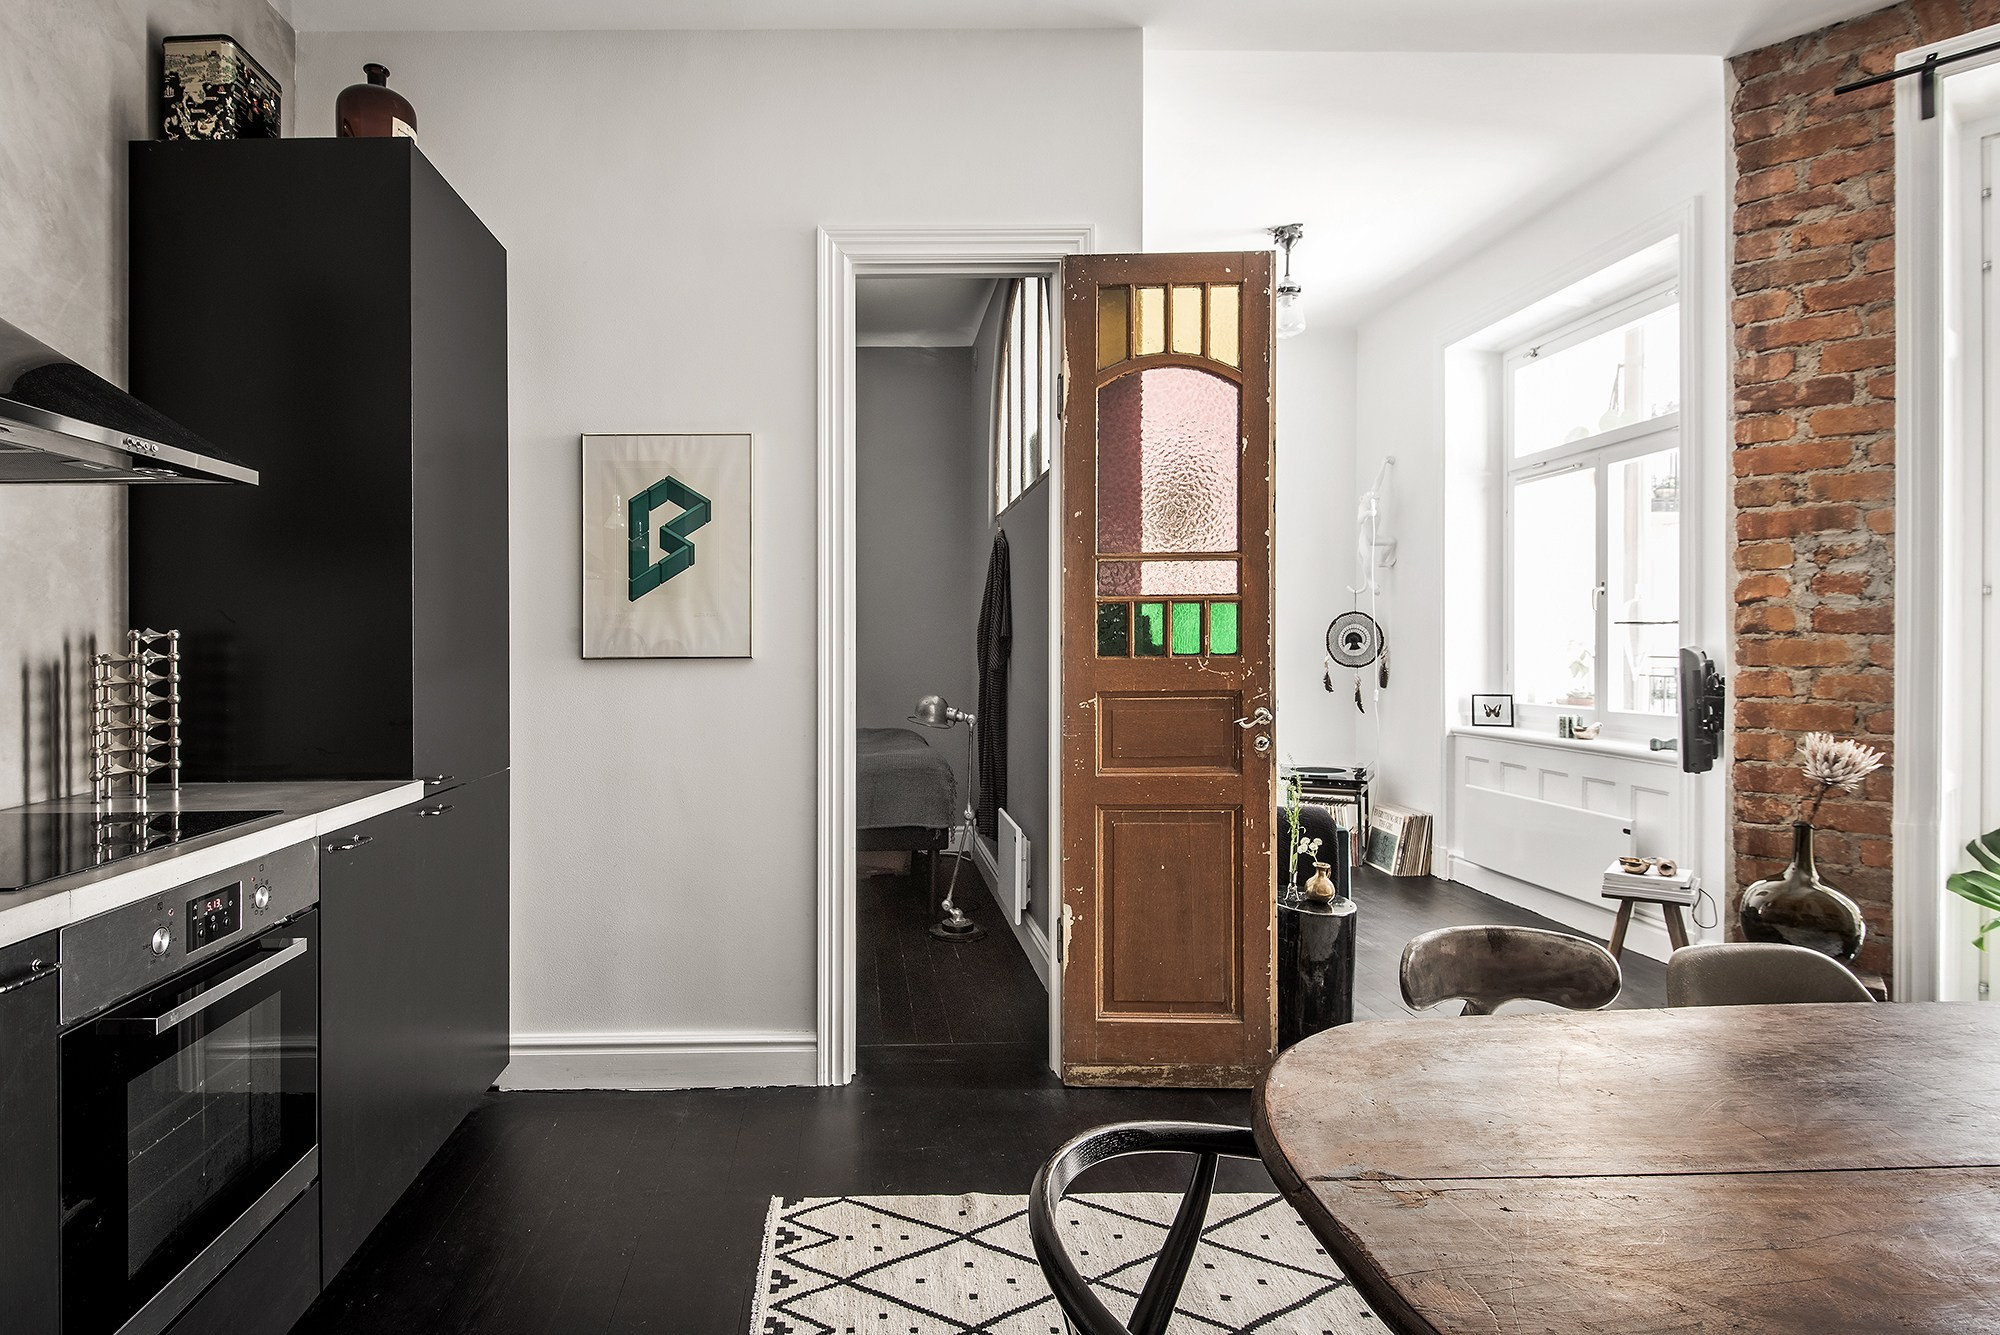 Tận dụng đồ cũ, căn hộ 42m² vẫn đẹp cá tính từng góc nhỏ - Ảnh 8.